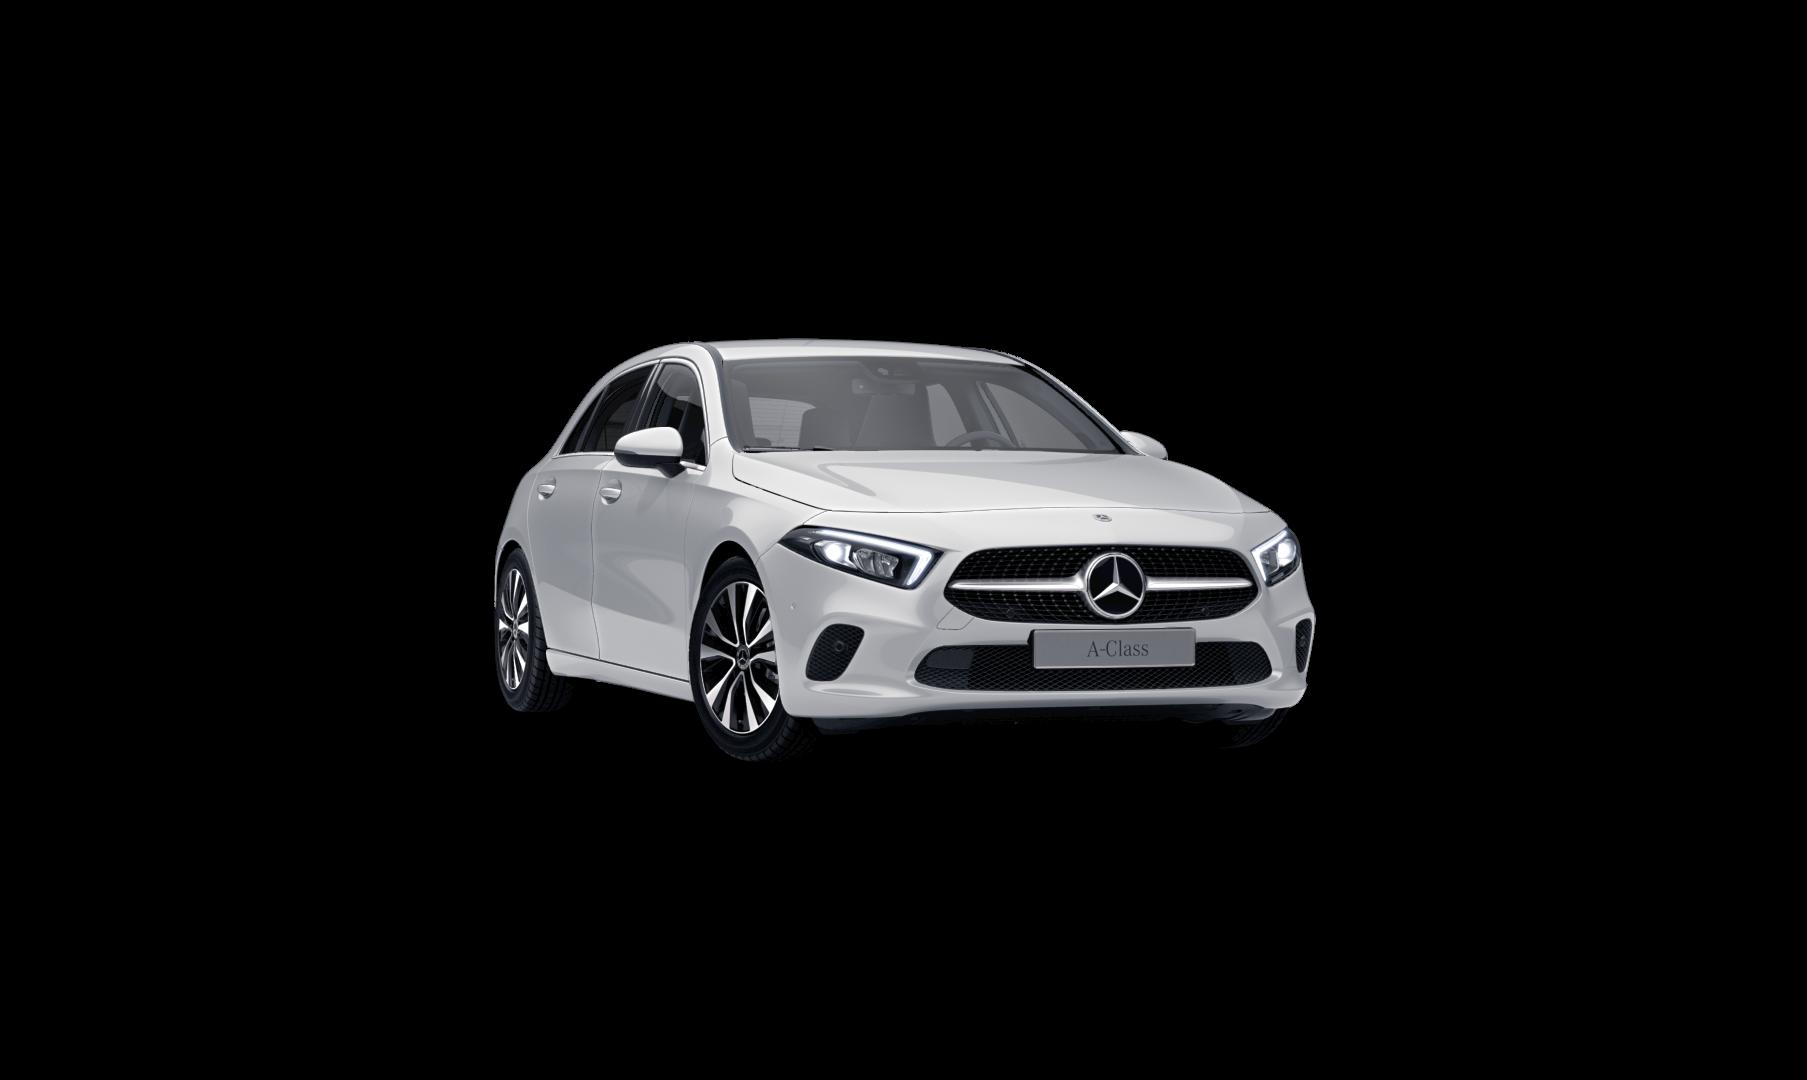 Mercedes Benz Classe A Grise Finition Style : Vue de trois quarts de profil à l'arrêt